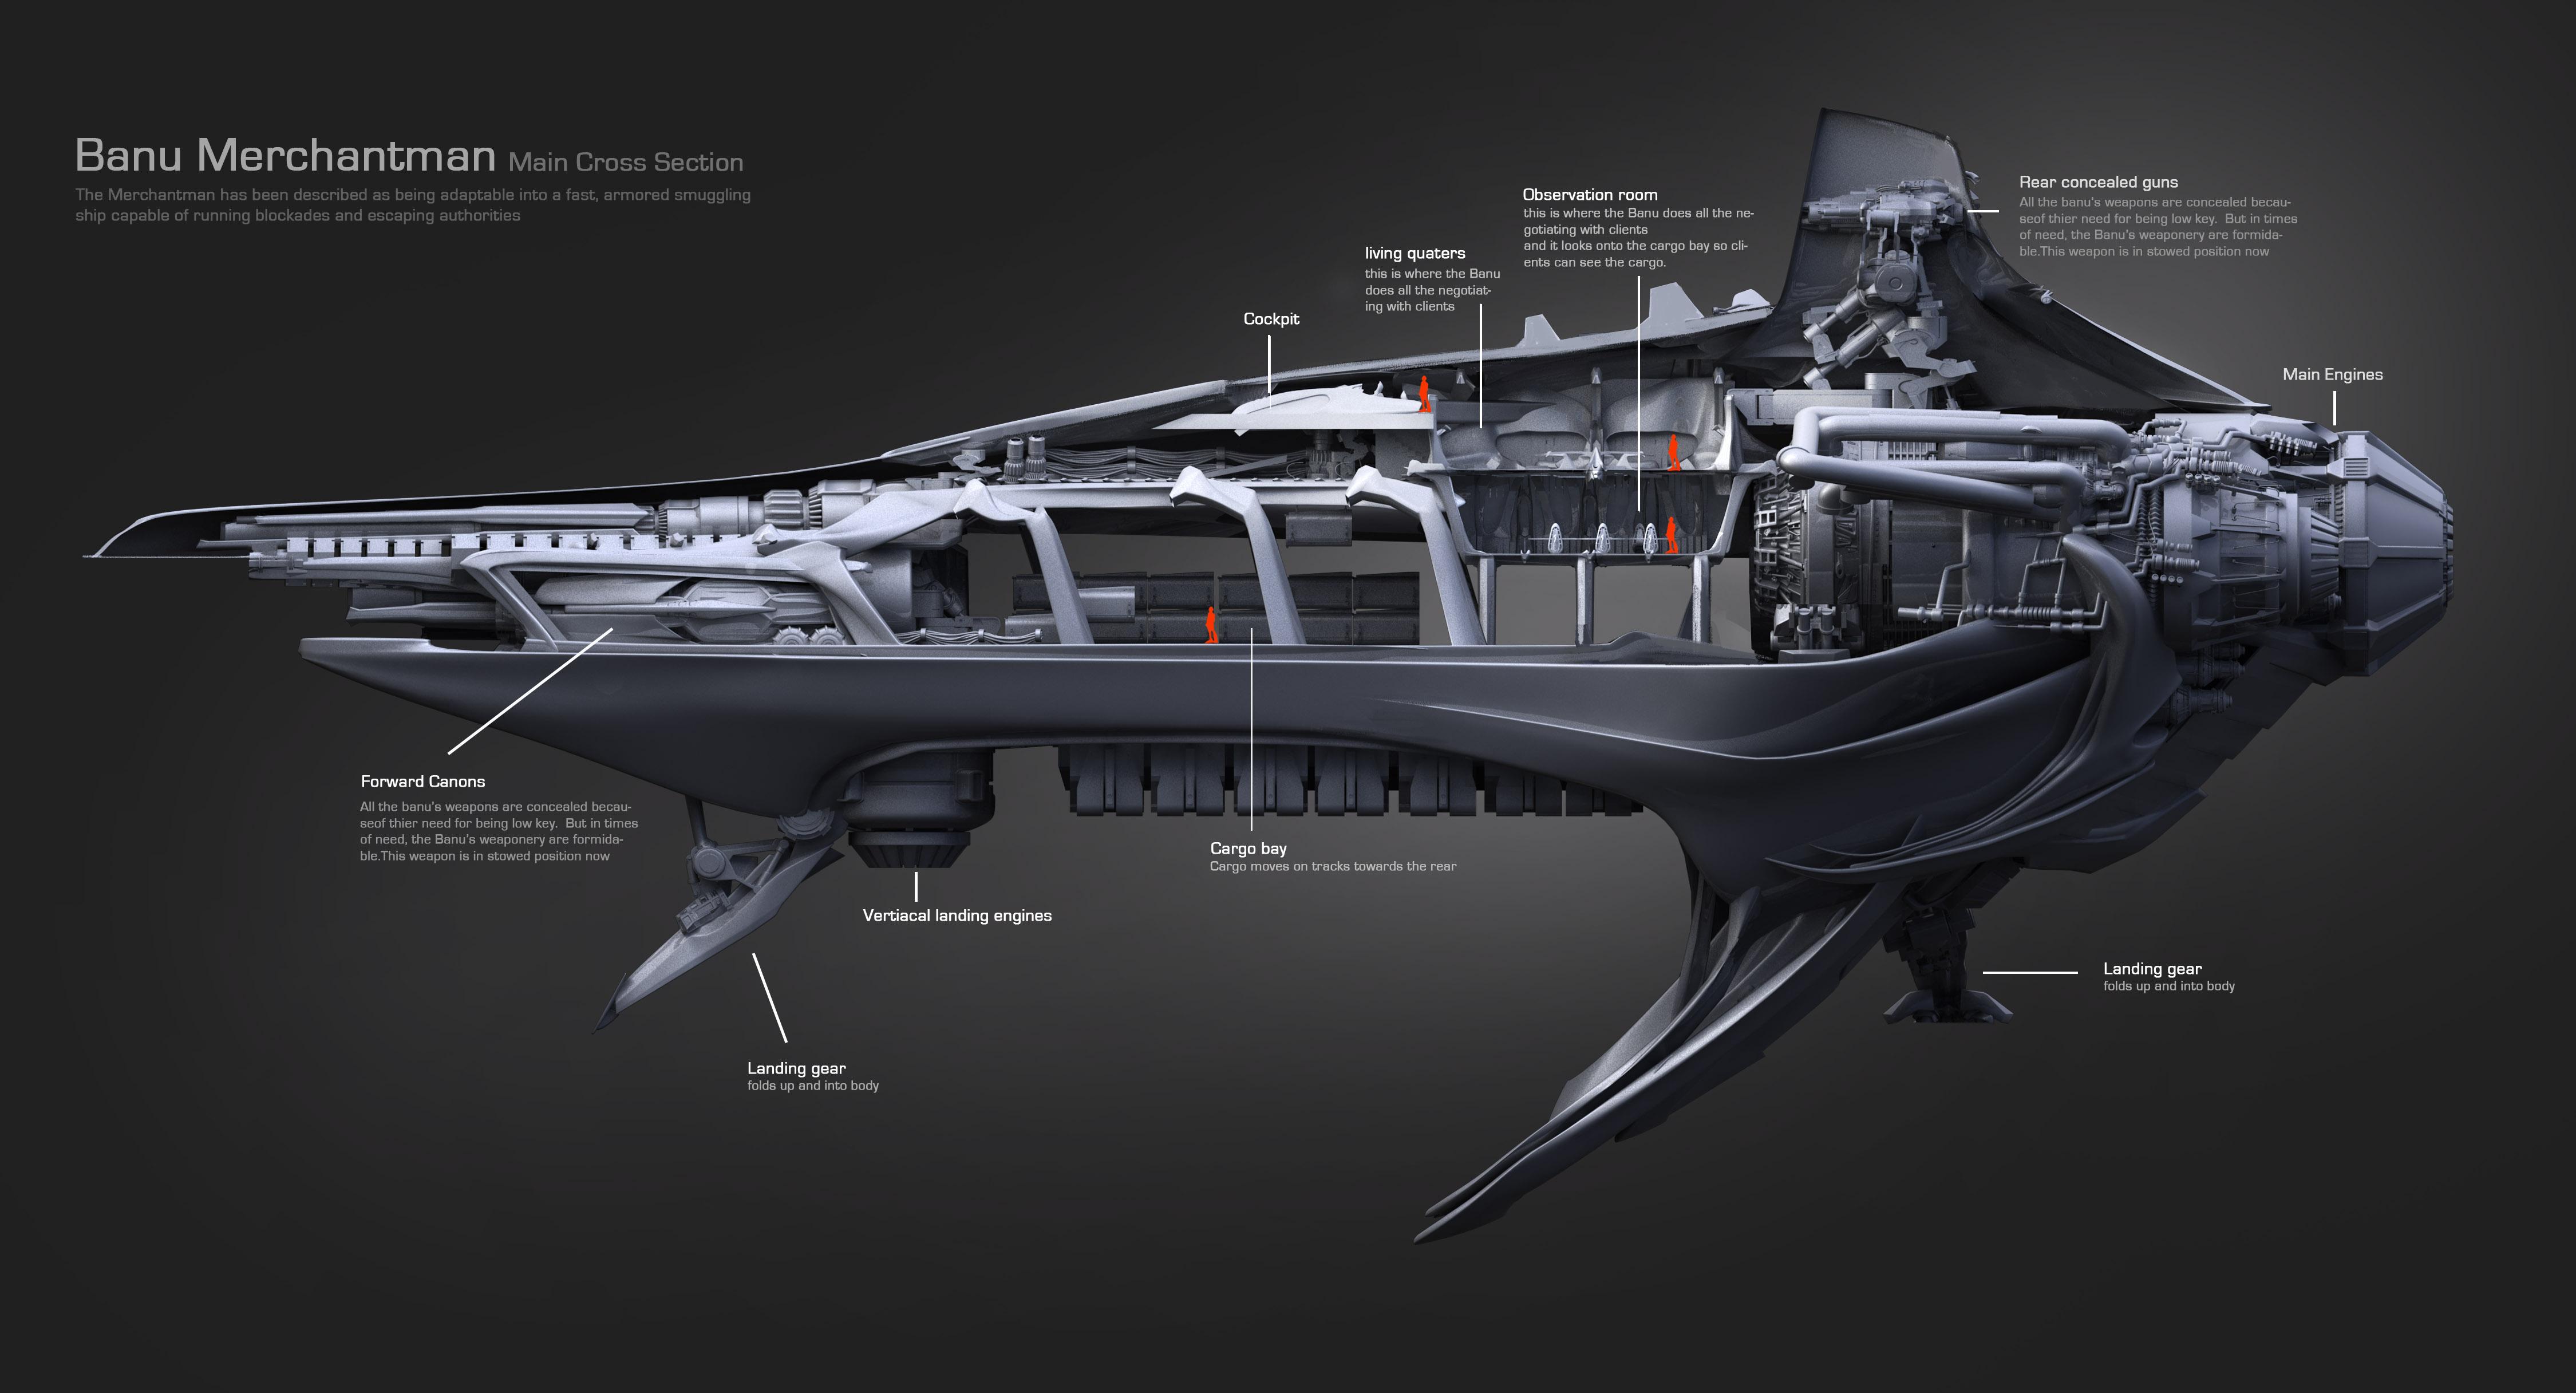 [S]MACK - The Spacebattles.com Star Citizen Fleet - Part 2